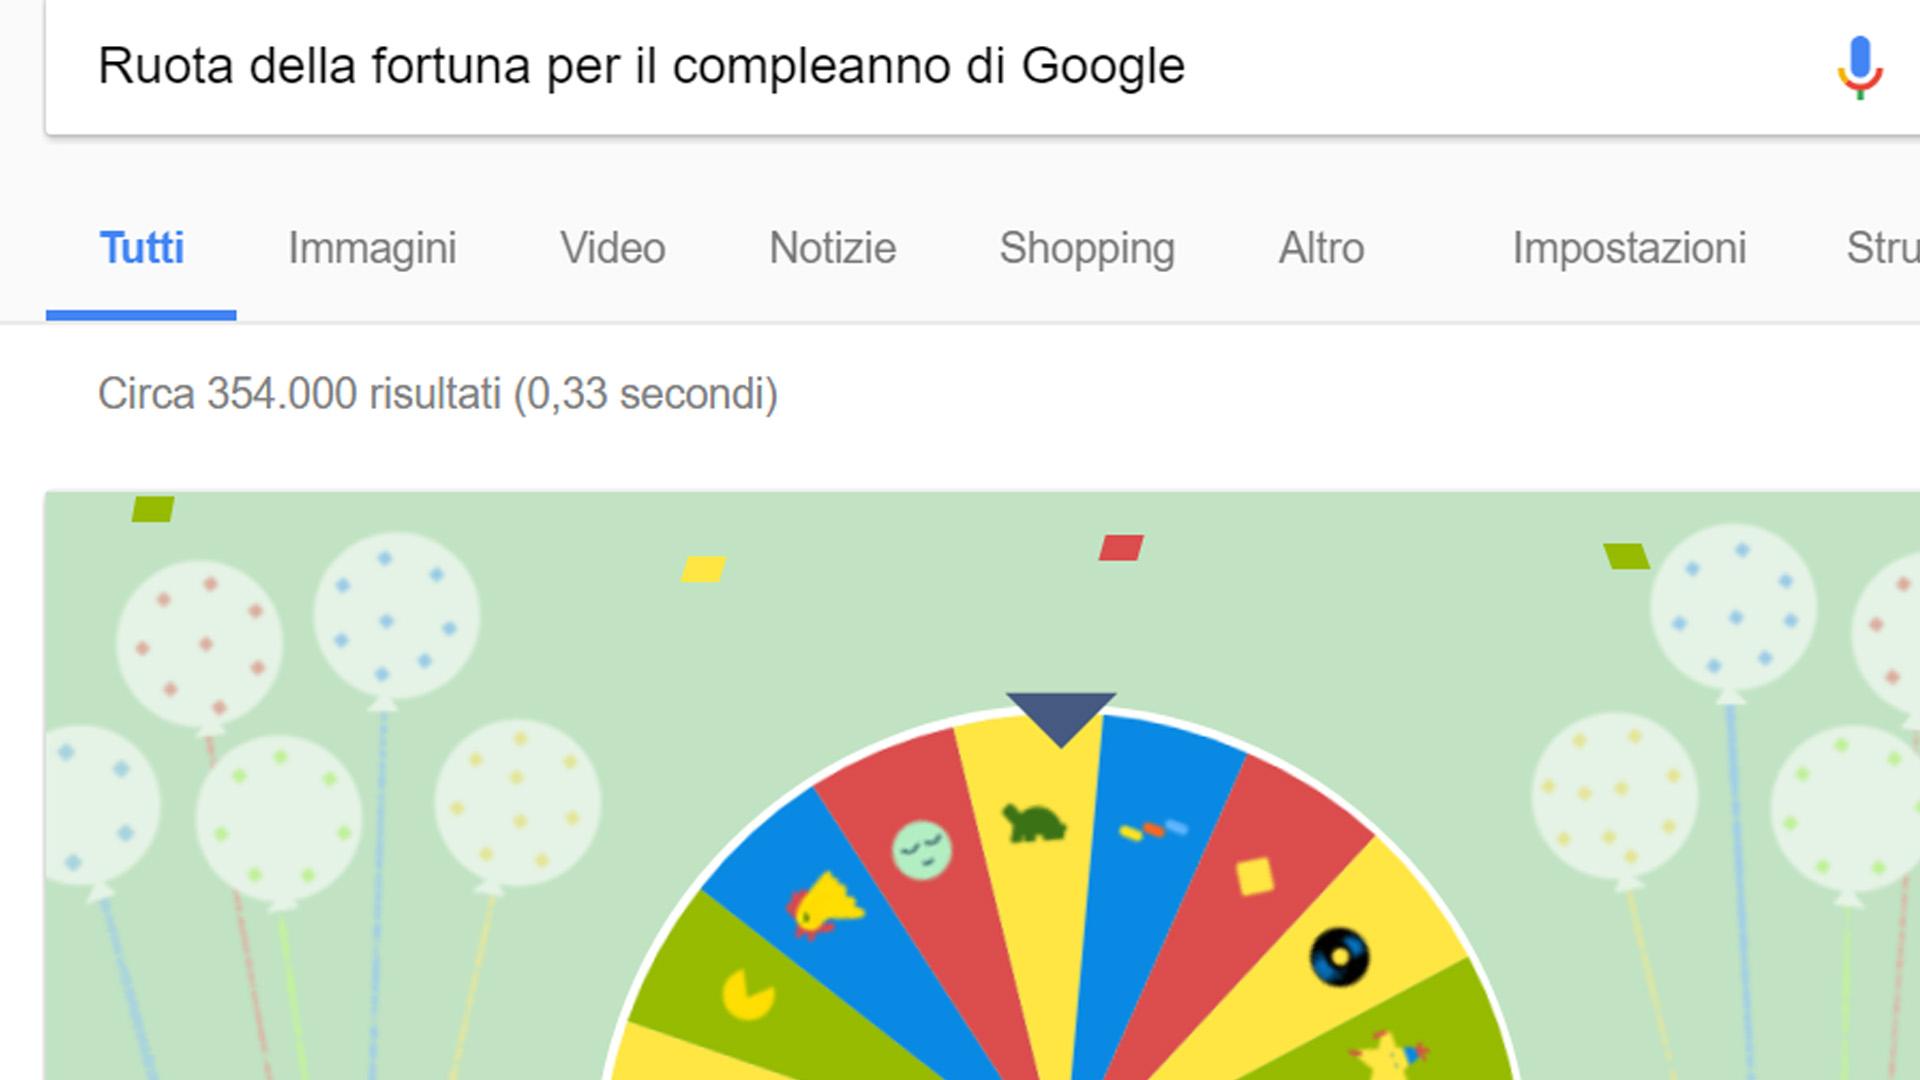 Google compie 19 anni e gira sulla ruota della fortuna